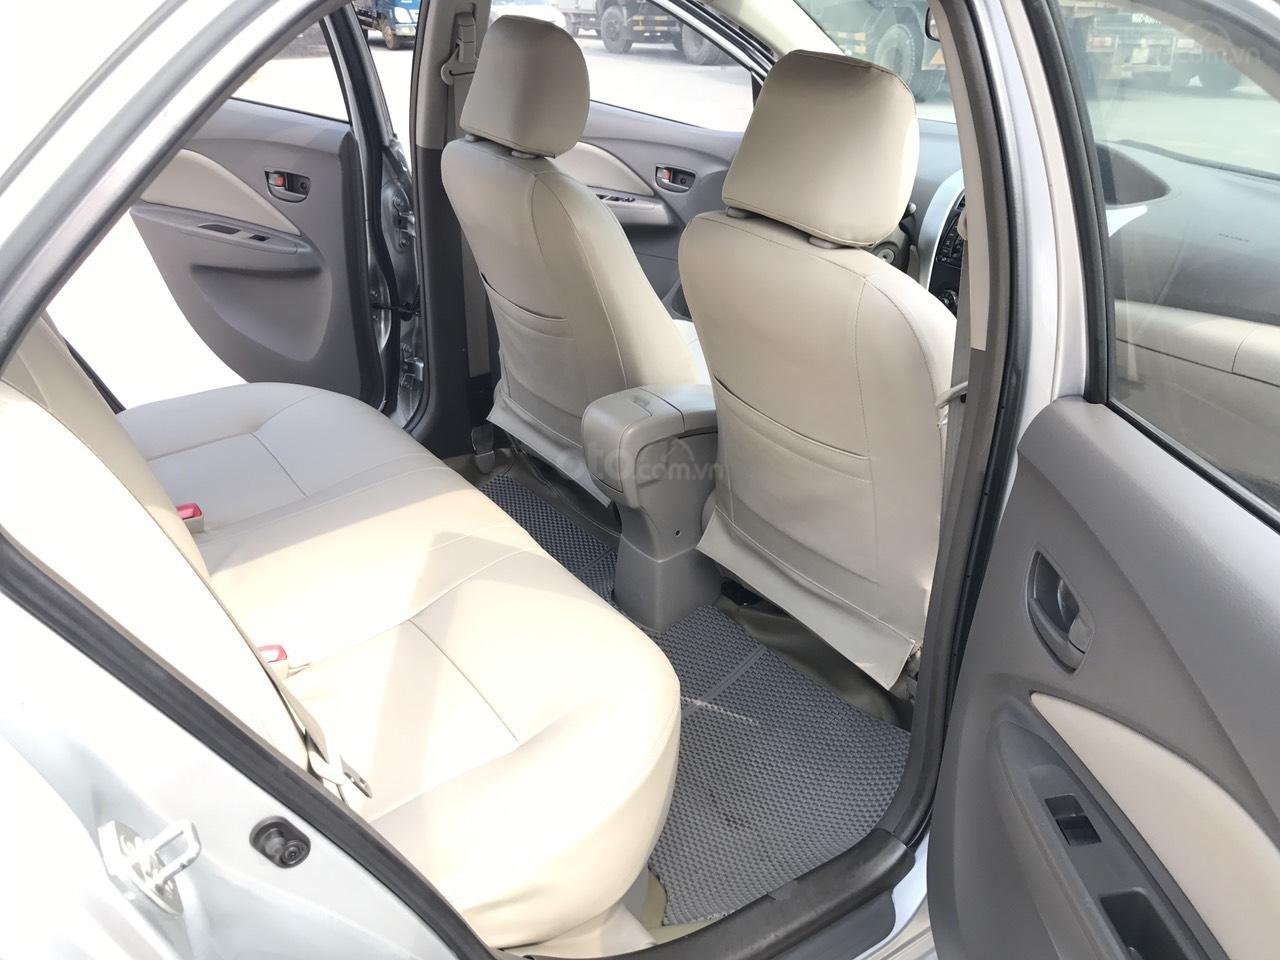 Bán xe Toyota Vios 1.5E sản xuất 2012, màu bạc, 1 chủ từ mới, máy zin 1 cục, nói không với xe taxi (21)